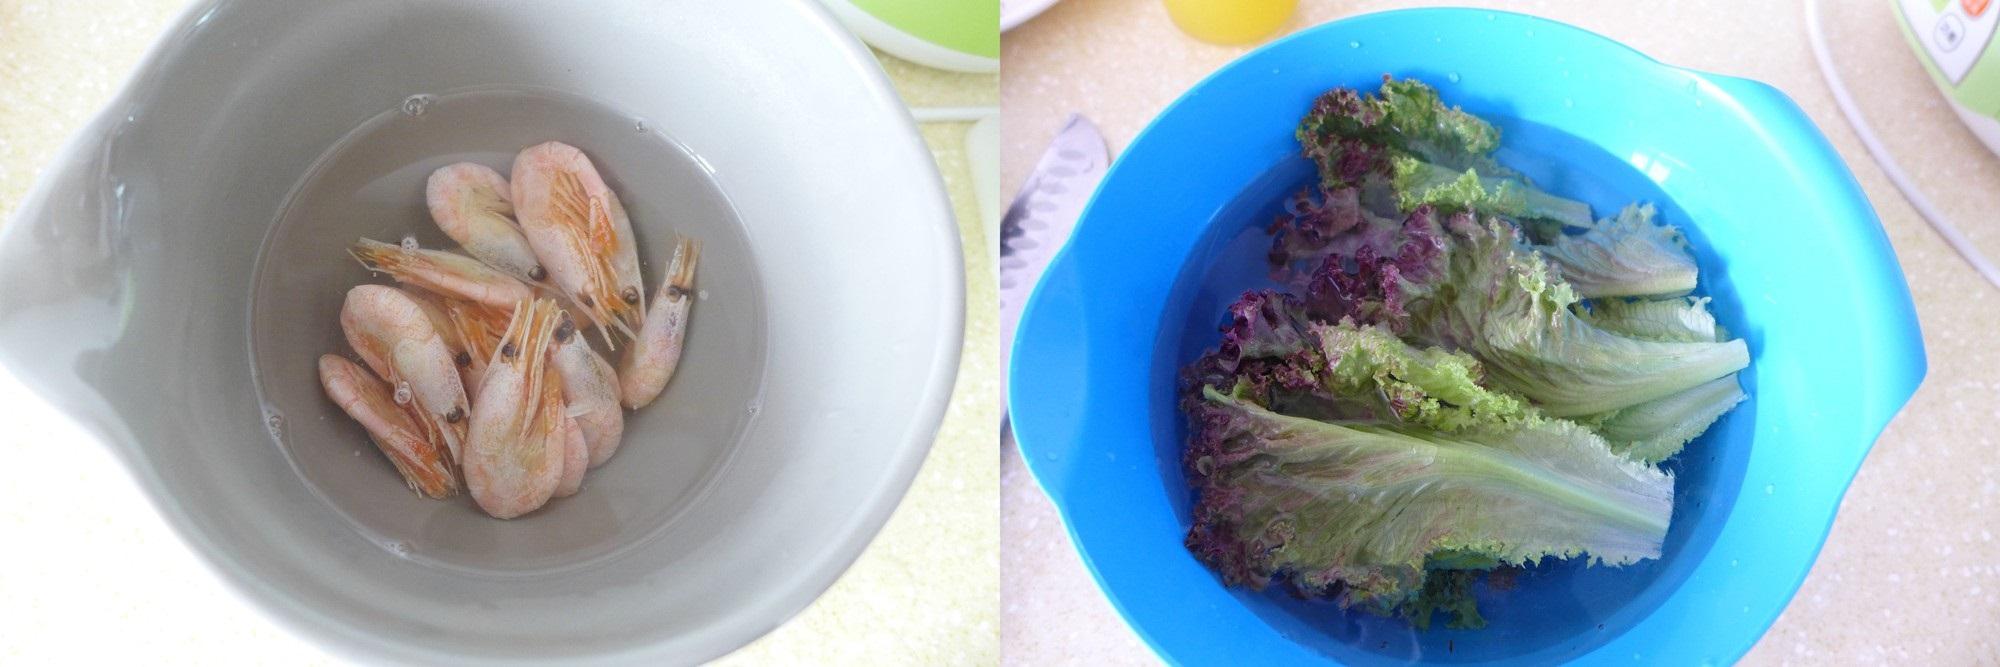 Có món salad siêu ngon tôi ăn mãi không chán, 7 ngày đã giảm 3cm vòng eo! - Ảnh 1